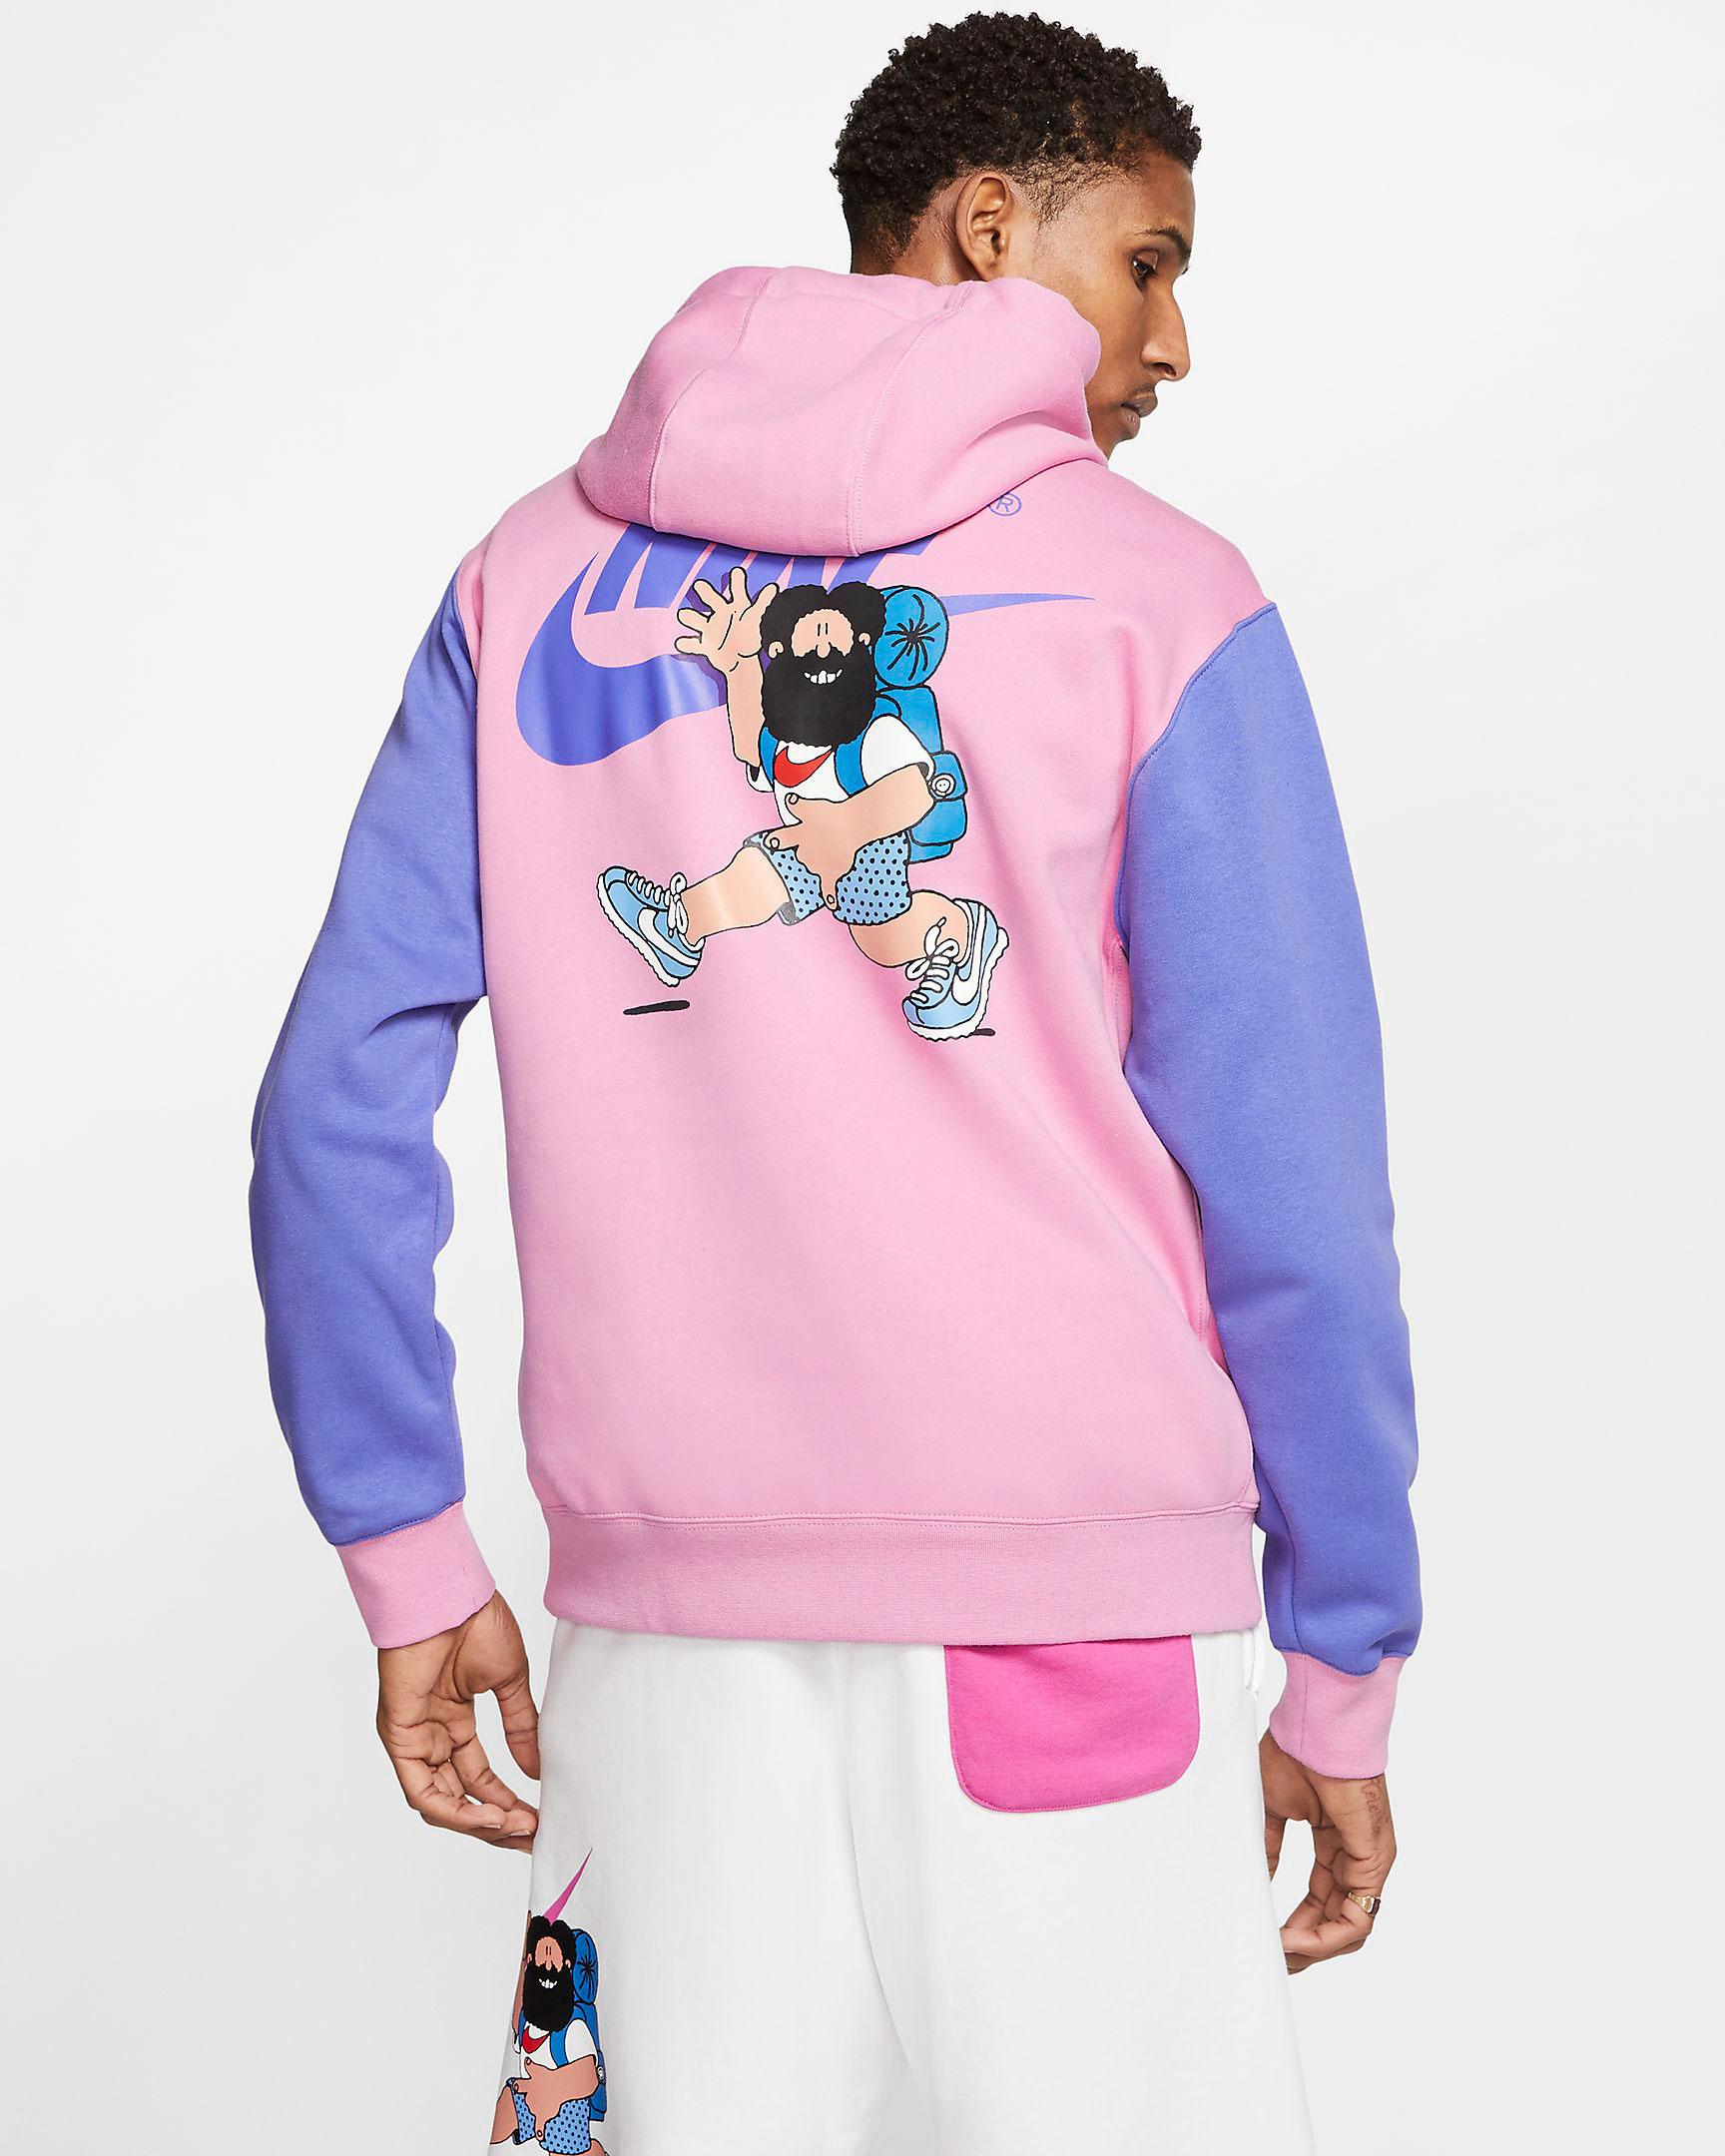 nike-hike-man-hoodie-pink-purple-2